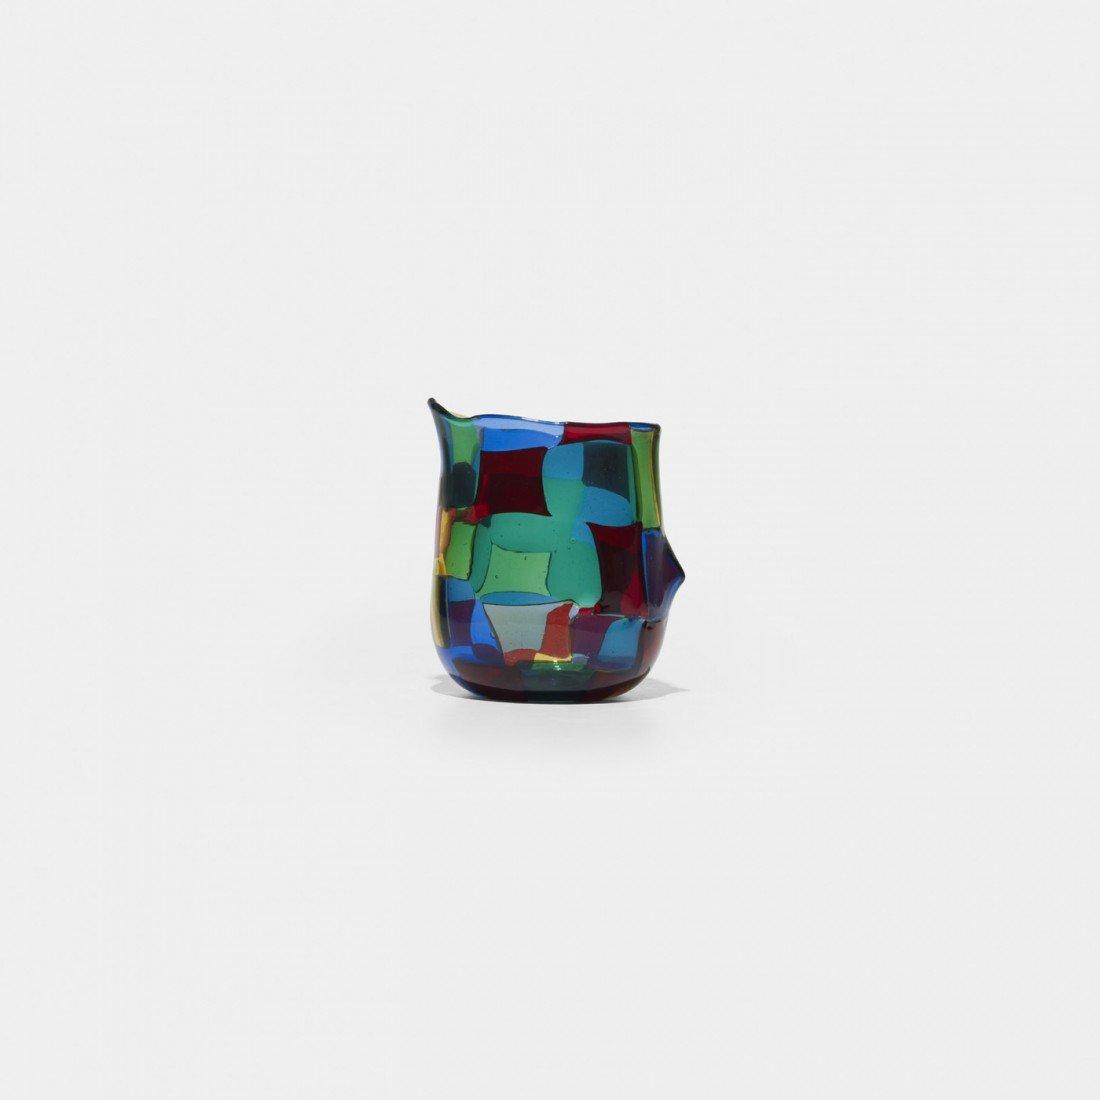 329: Fulvio Bianconi Pezzato vase